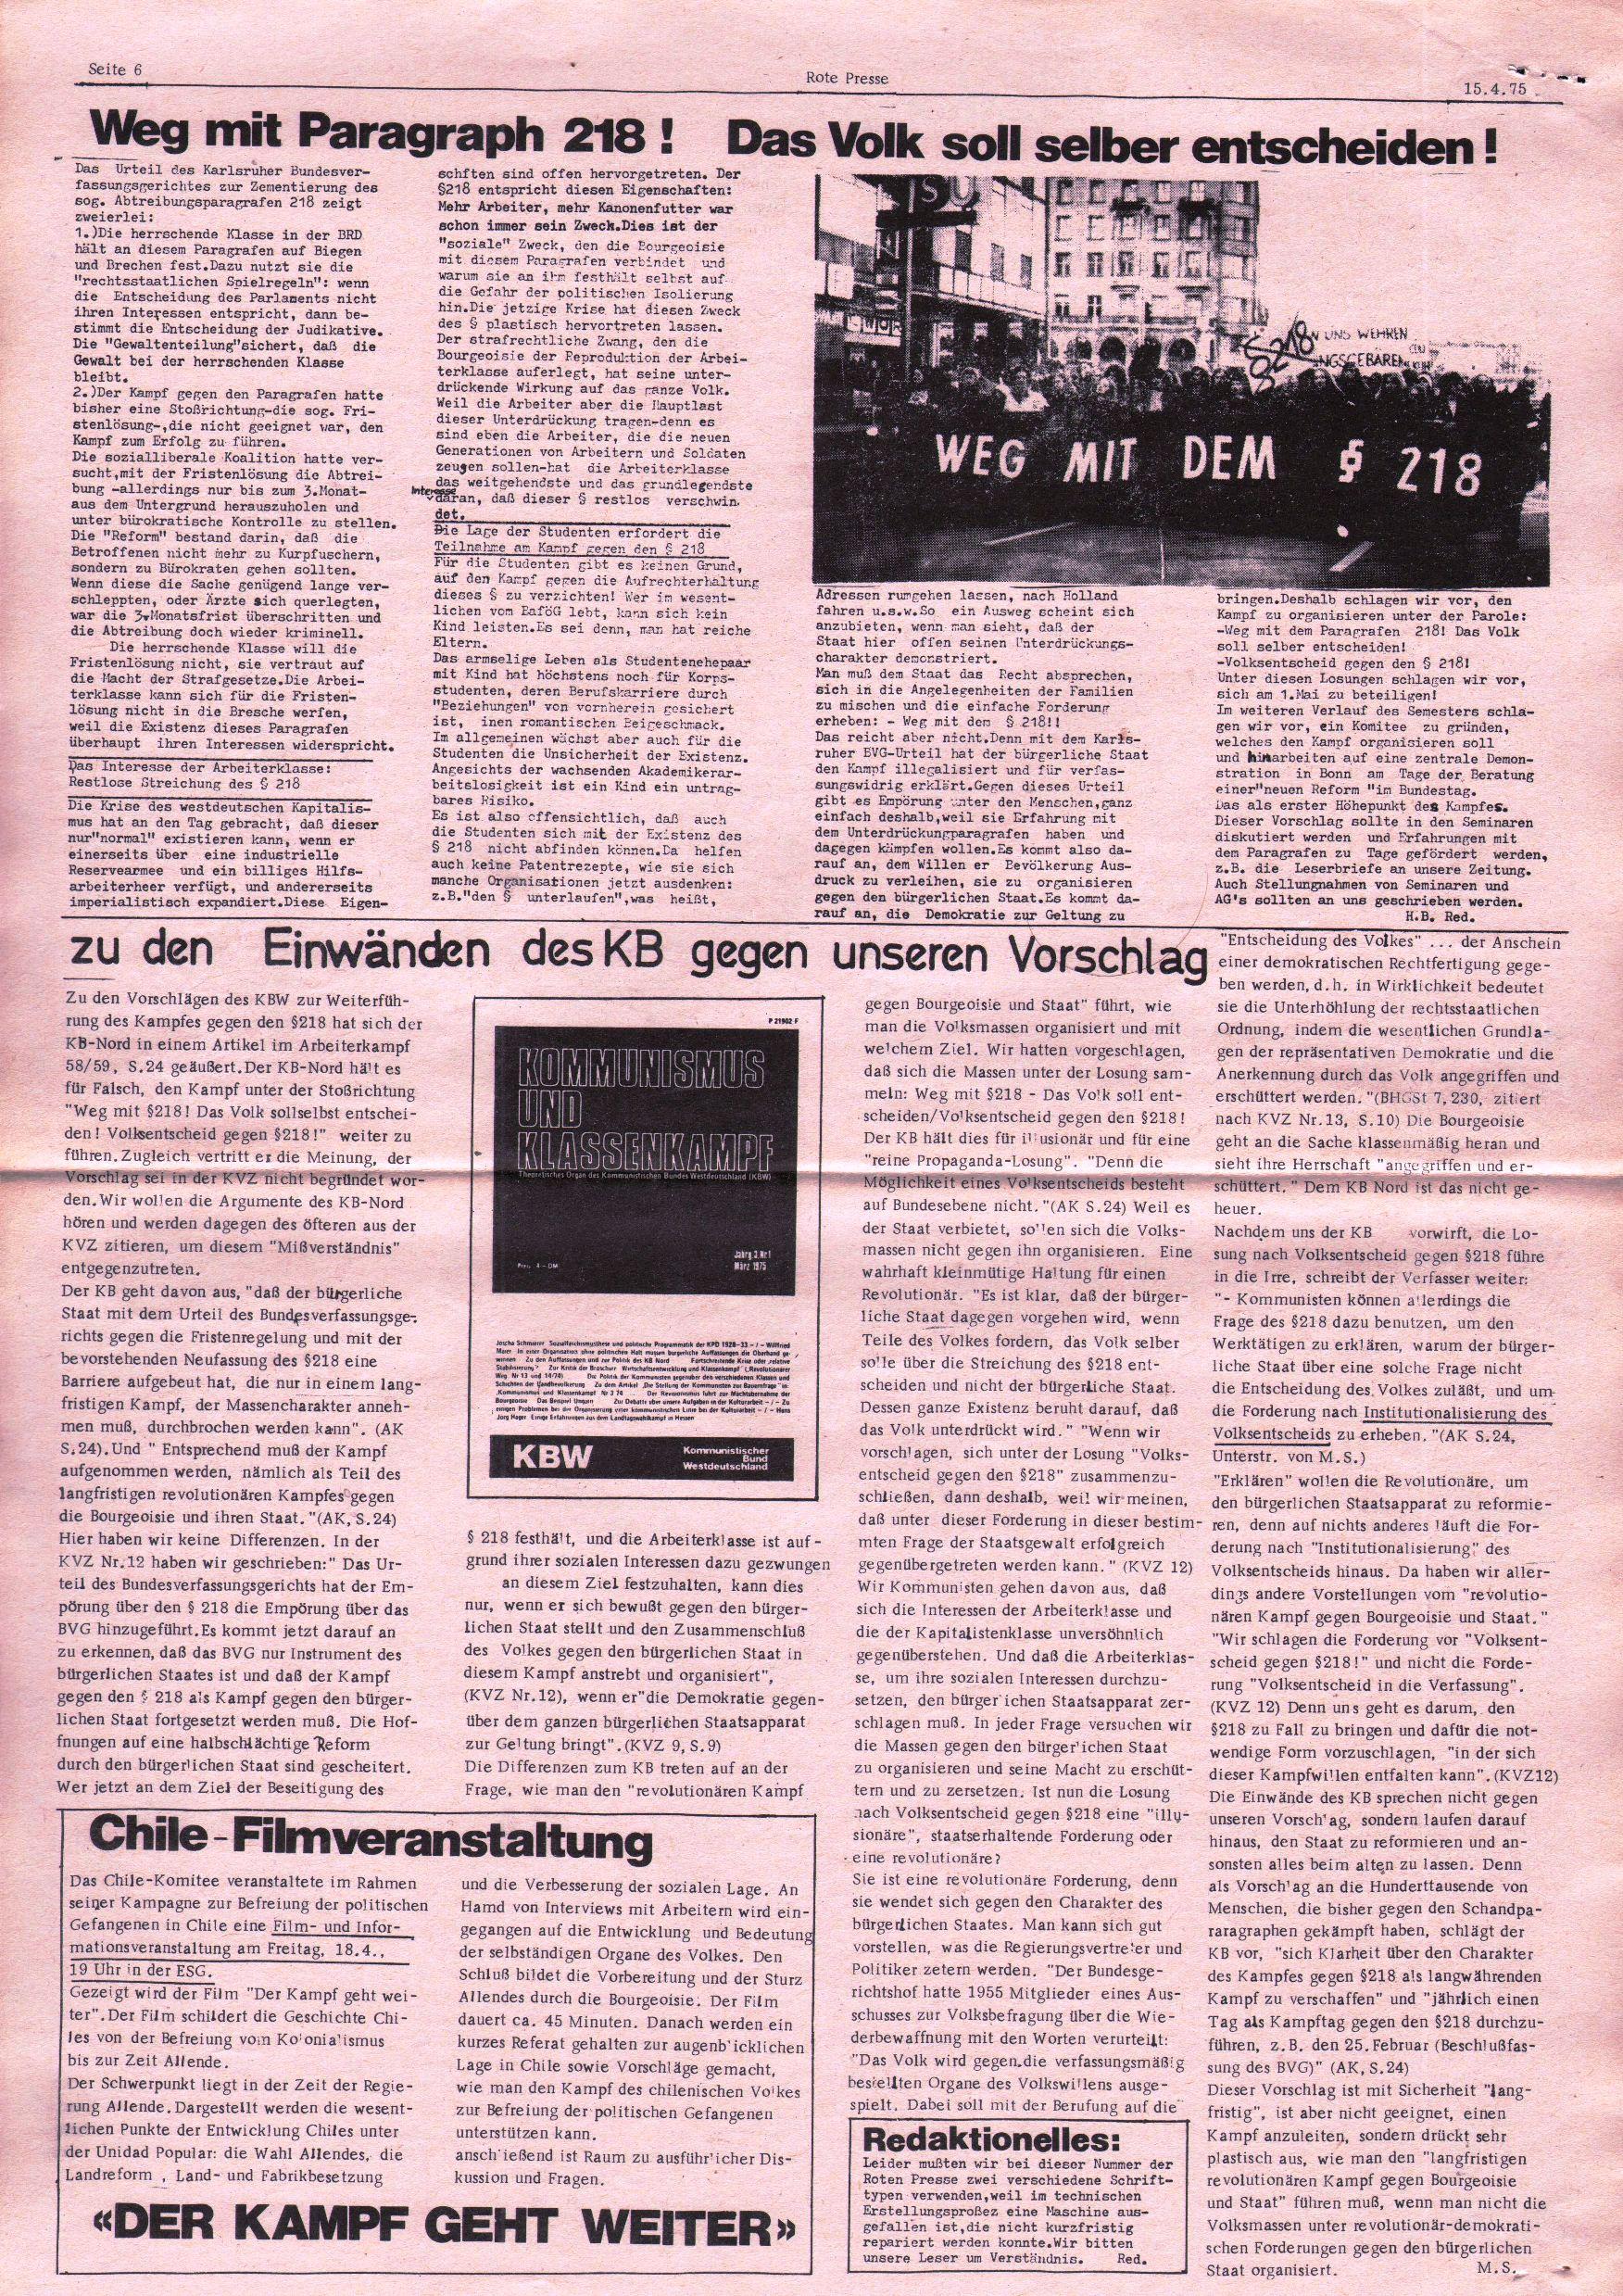 Hamburg_Rote_Presse473